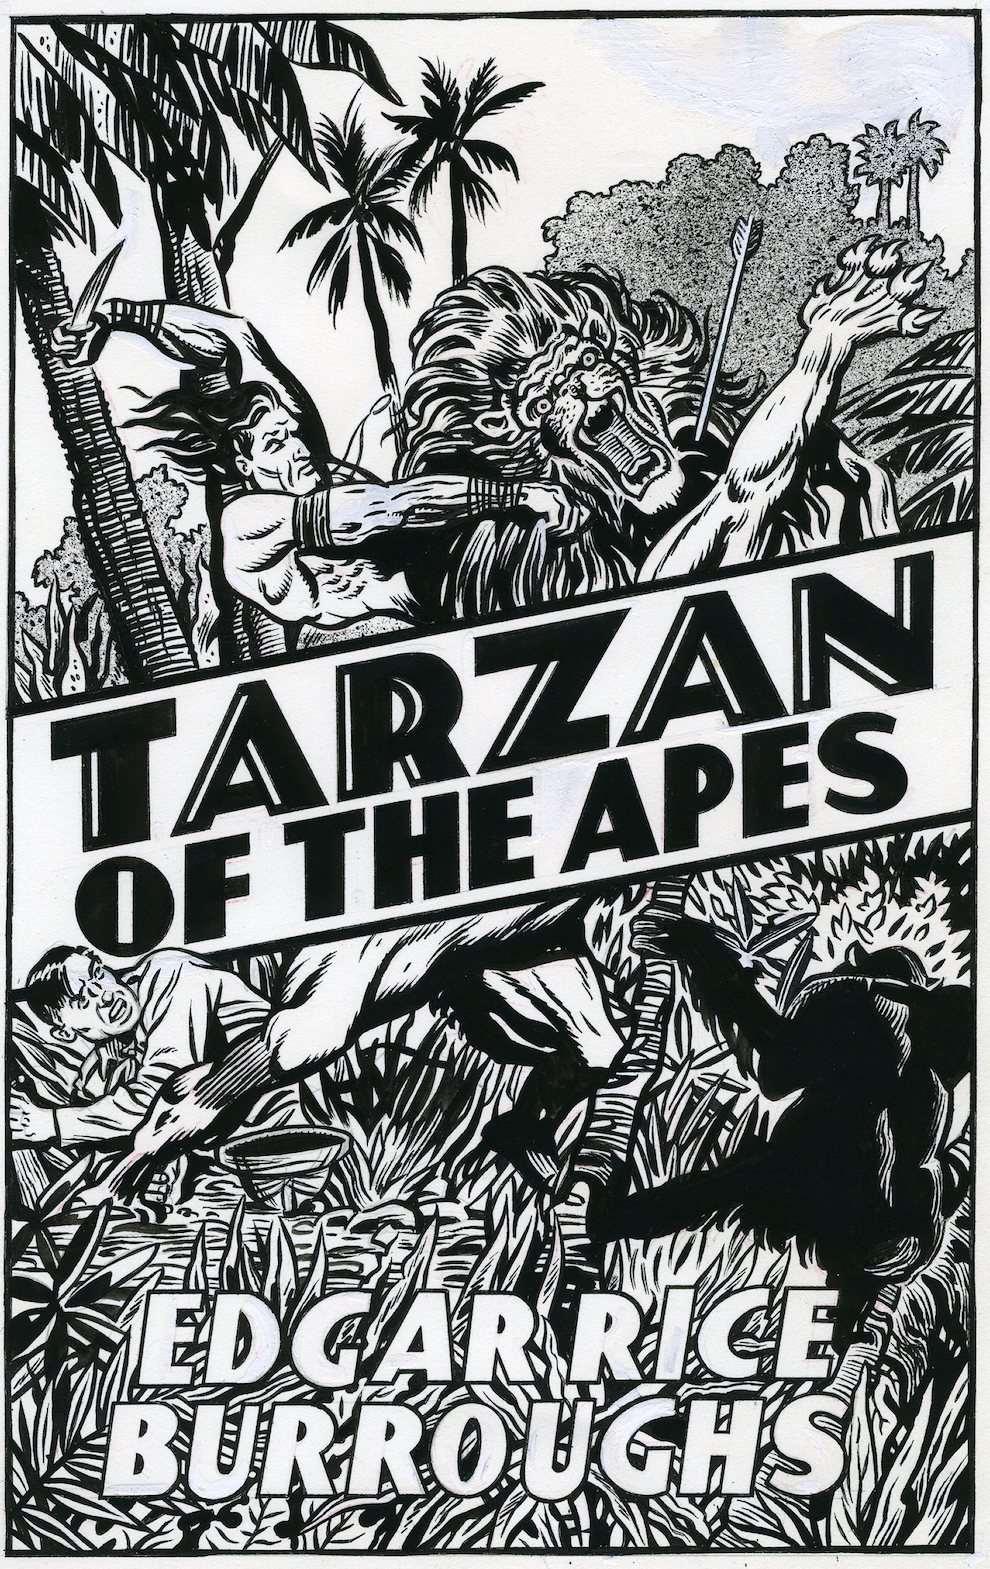 Mick Brownfield, Black and white retro illustration of Tarzan killing a lion in the jungle